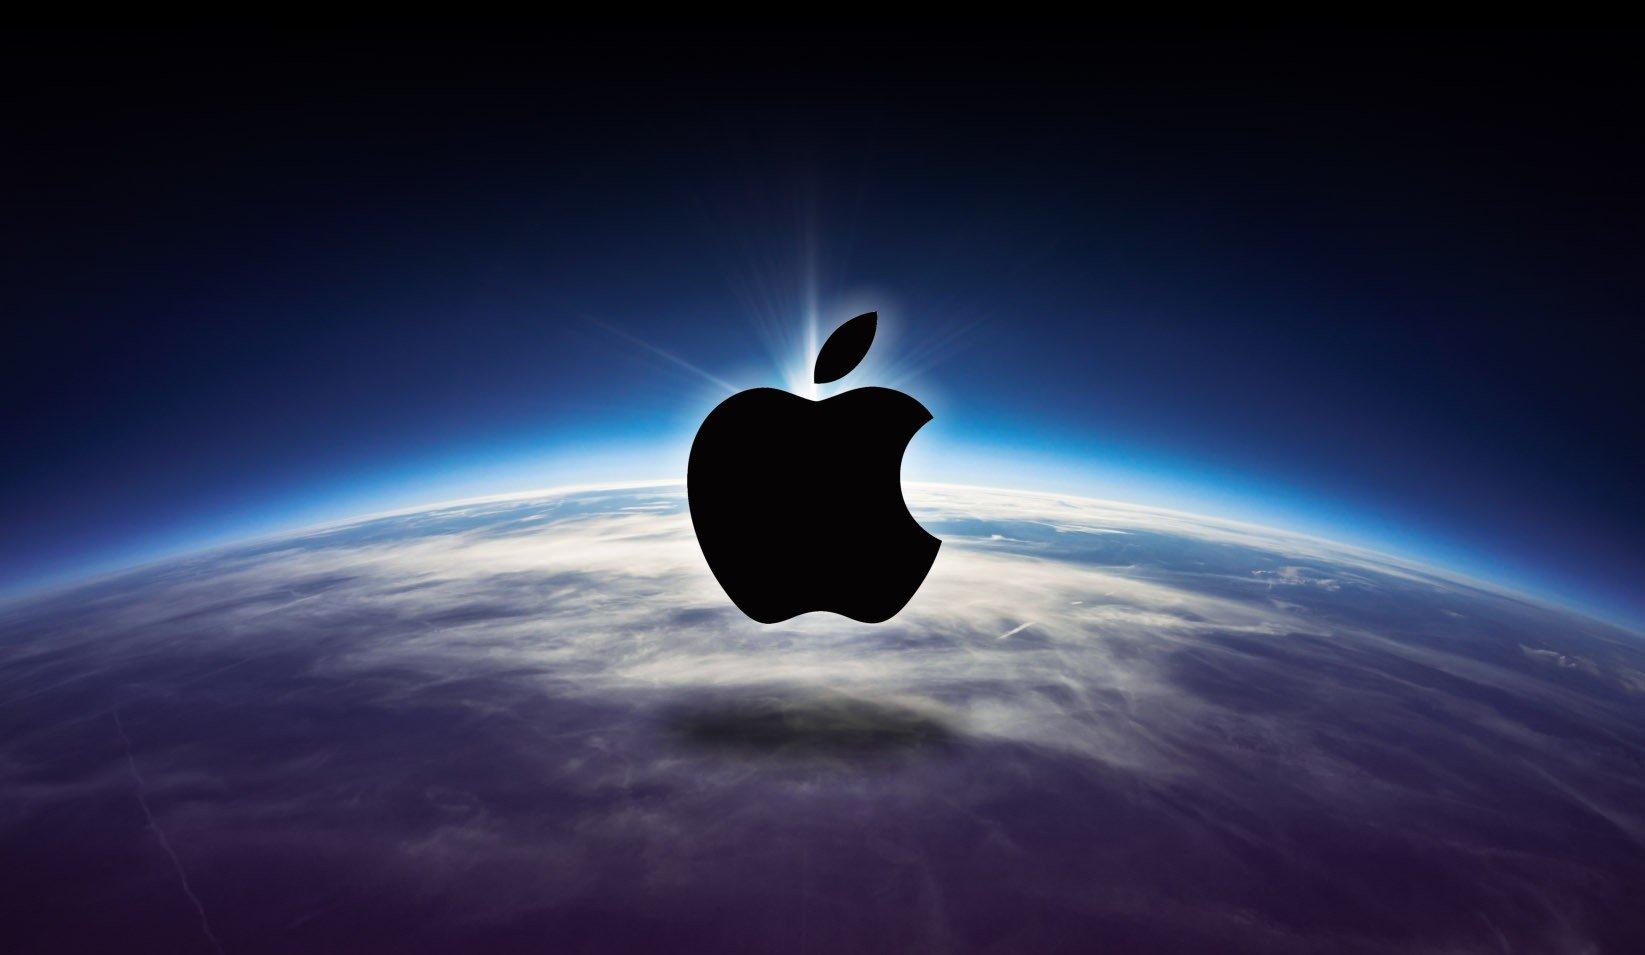 Европейская комиссия рассмотрит намерение Apple купить Shazam